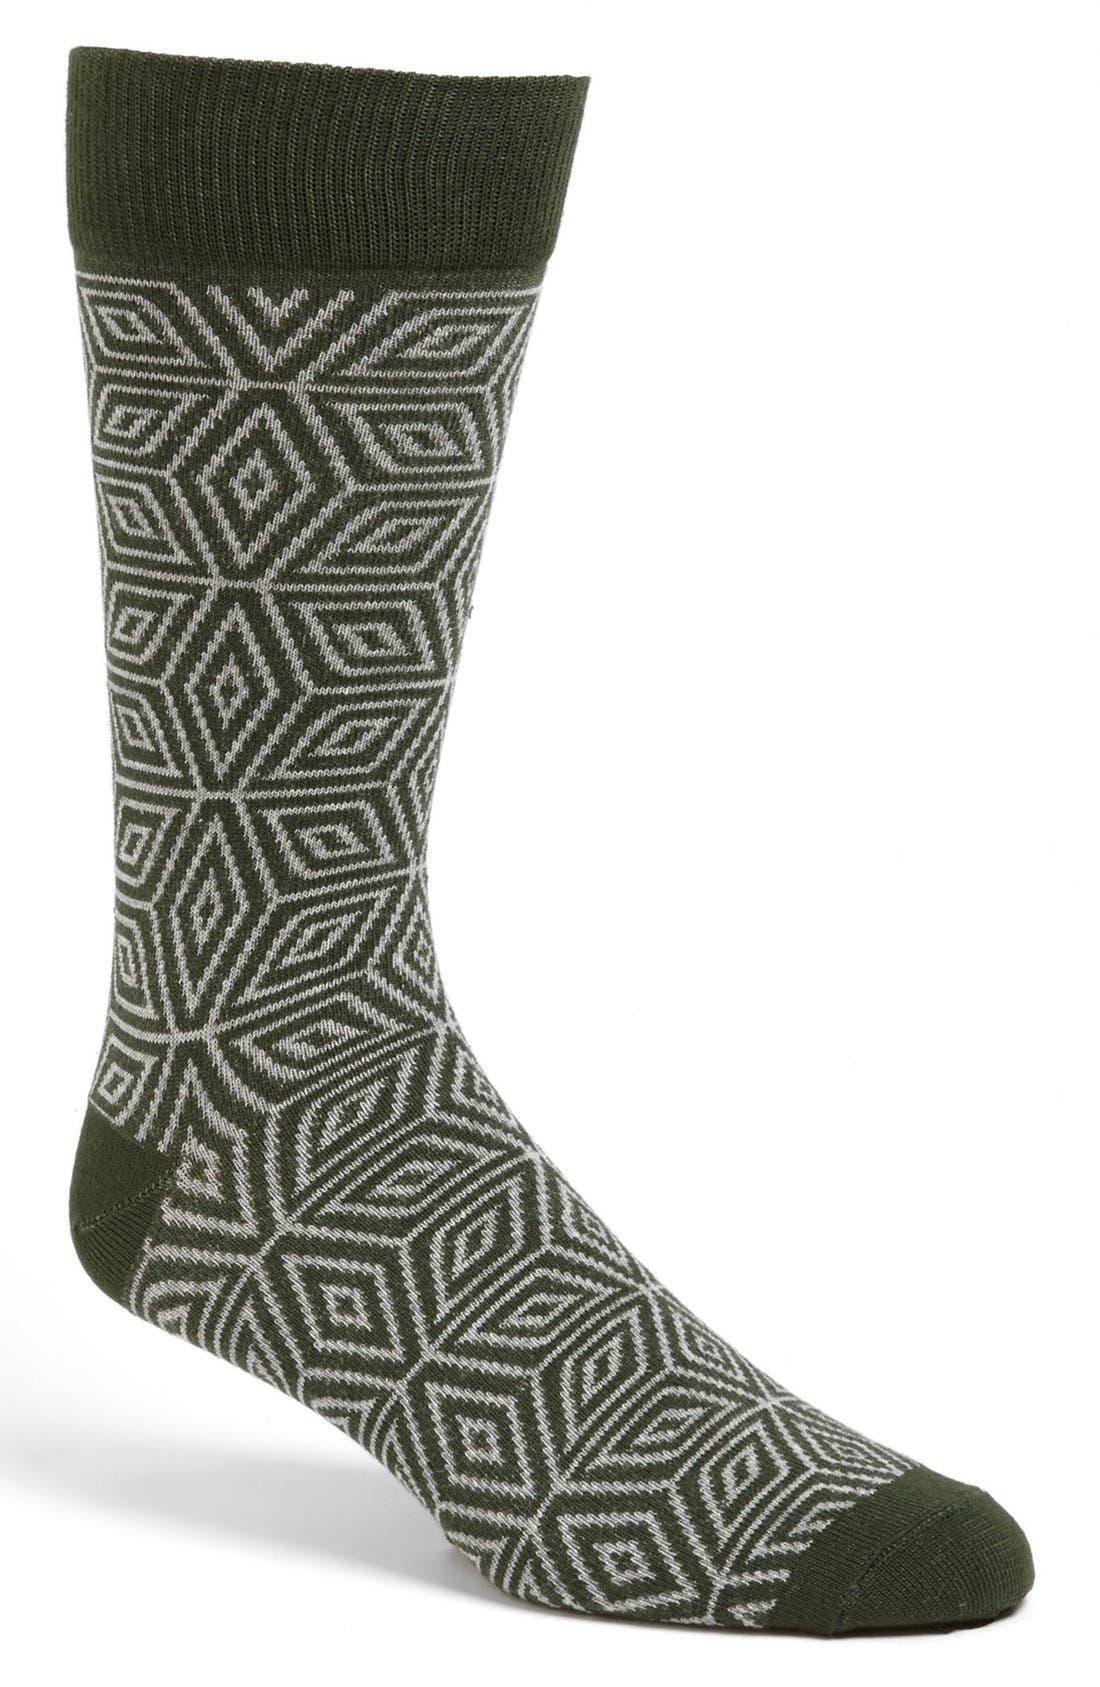 Main Image - Pact 'North Star' Socks